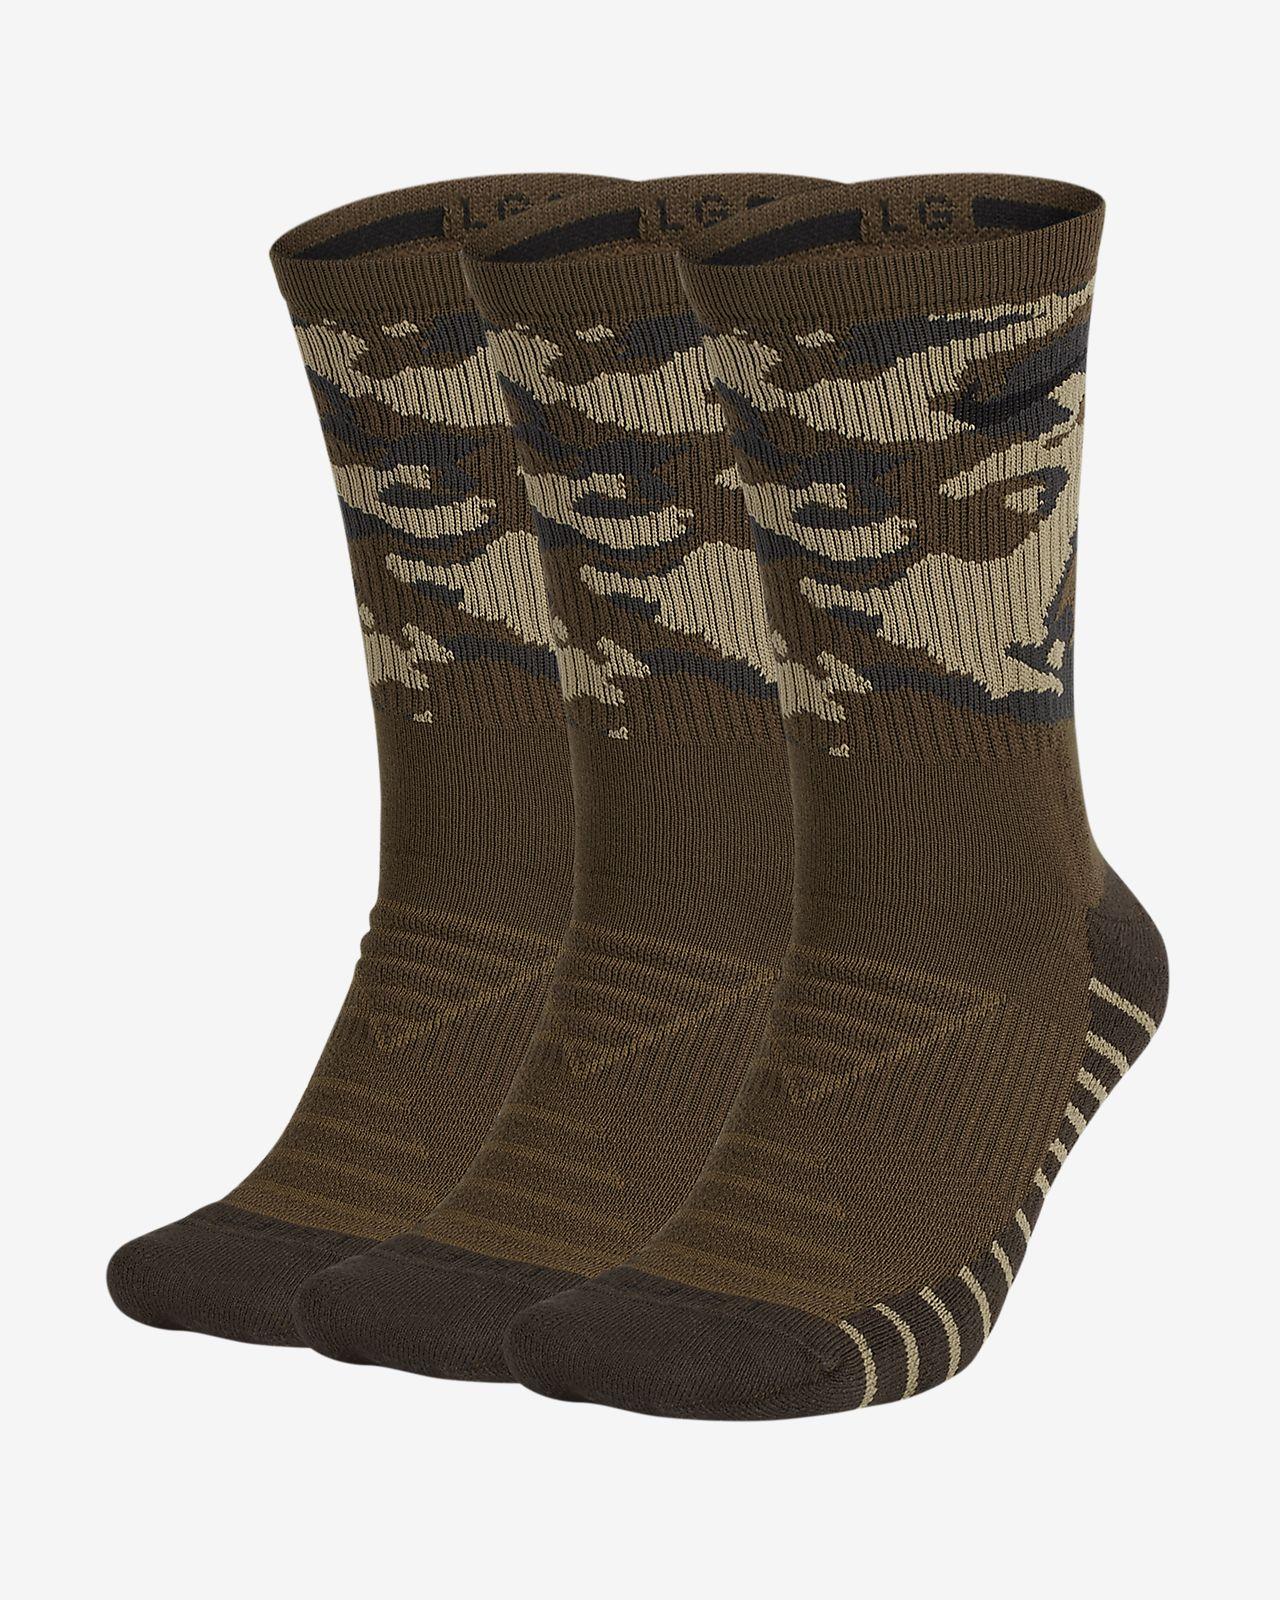 Calcetines largos de entrenamiento camuflados Nike Everyday Max Cushion (3 pares)